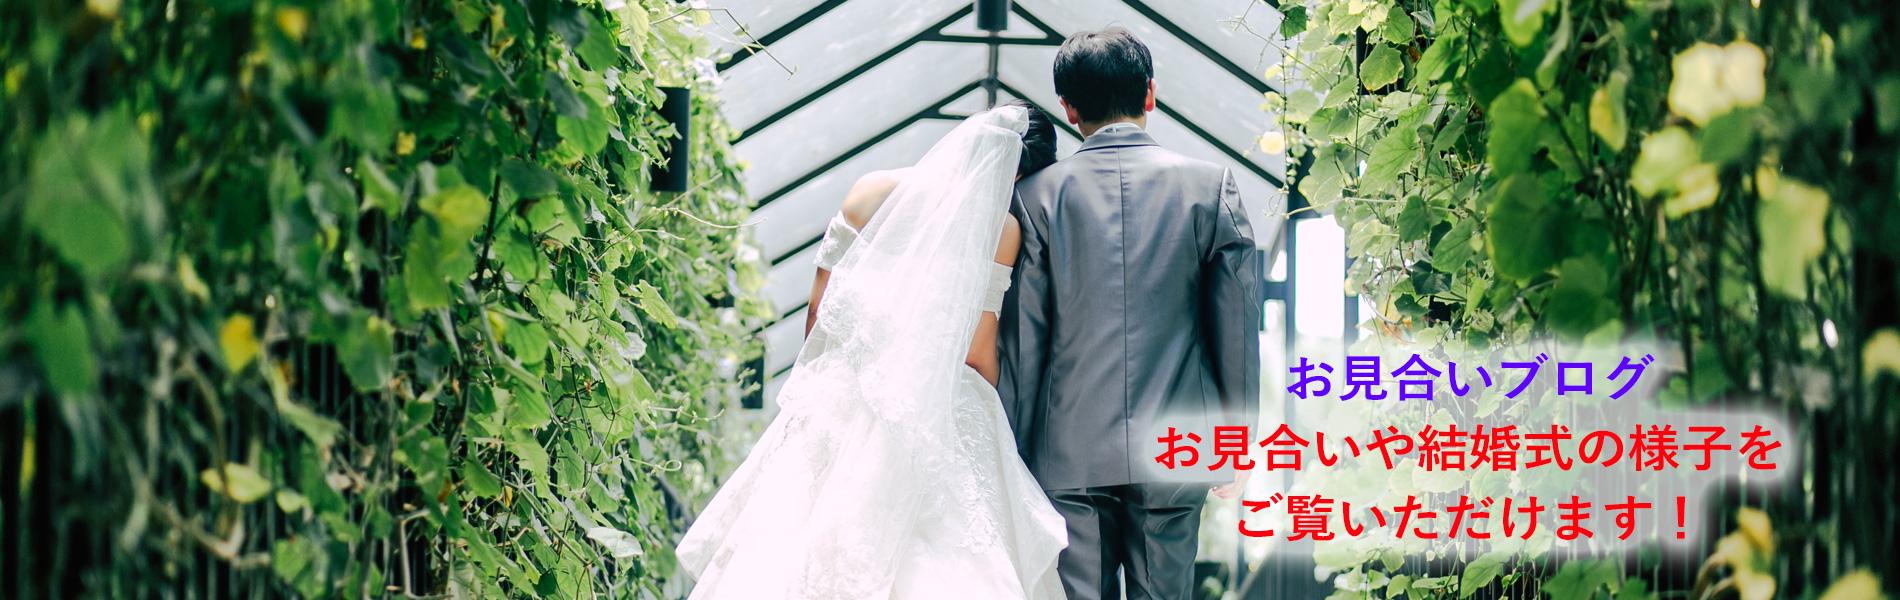 タイ女性と国際結婚で結ばれた方々の 成婚カップルをご紹介!